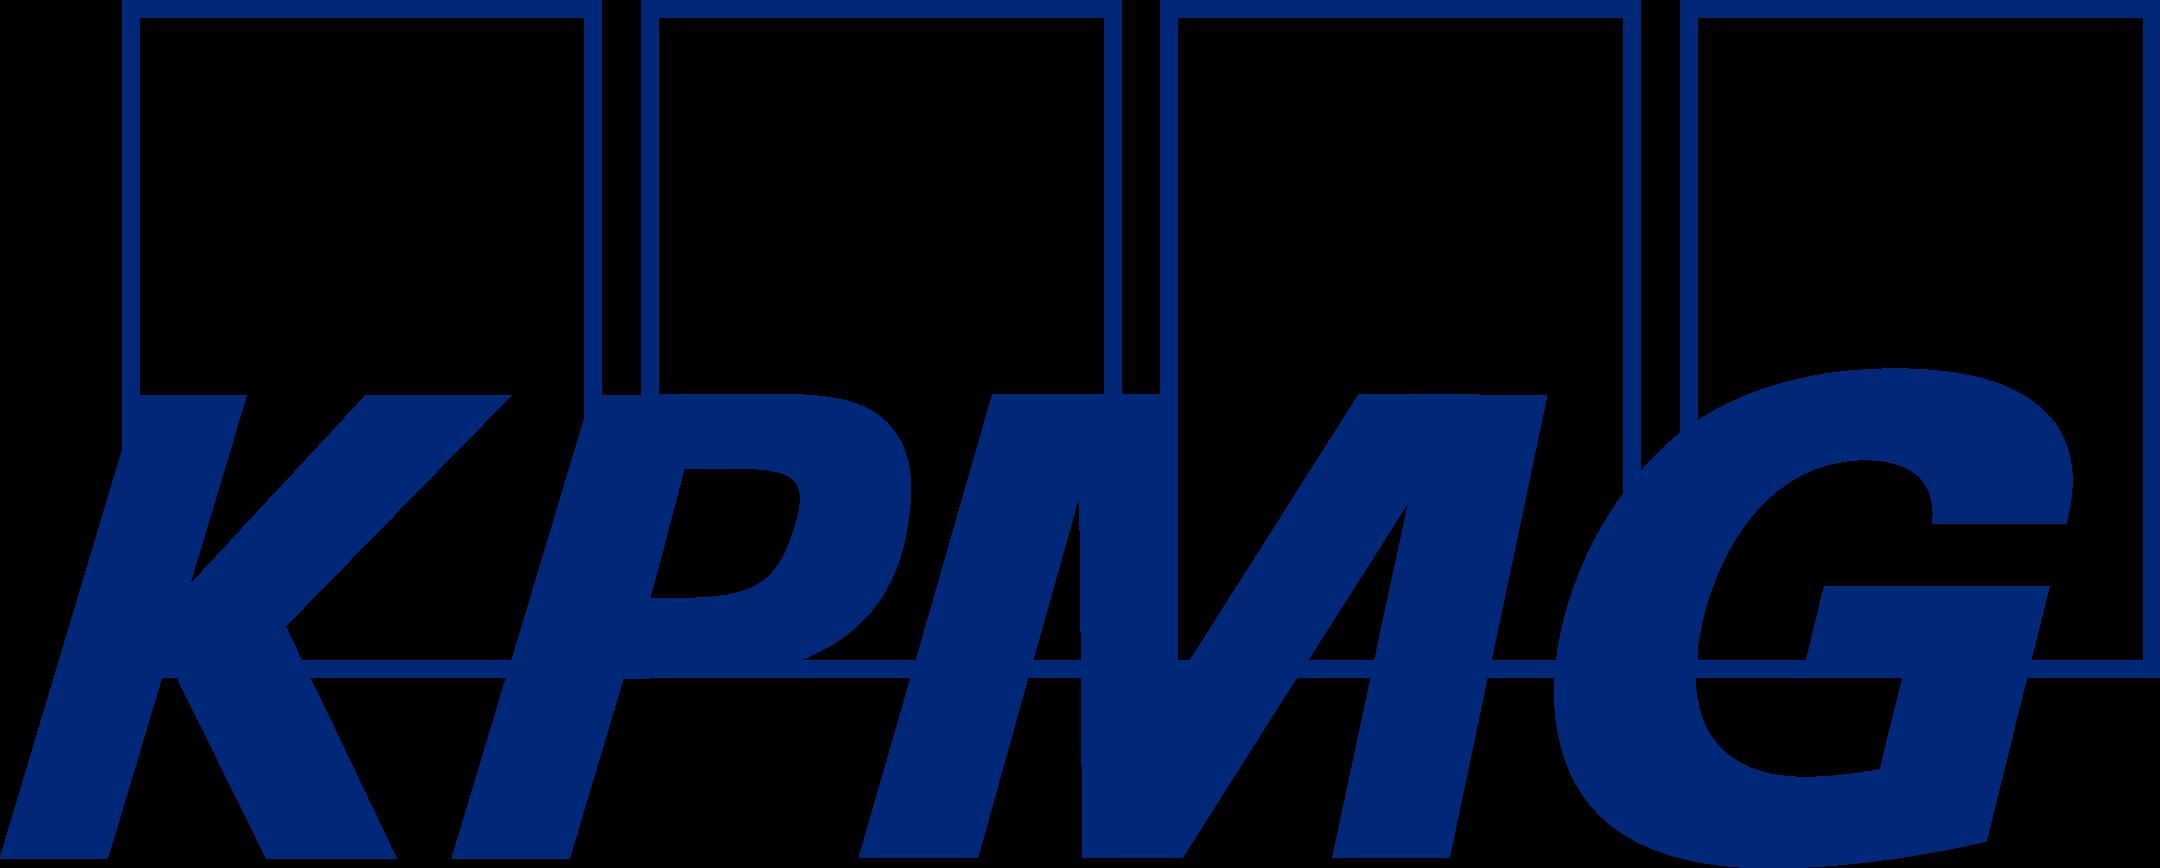 Kpmg logo 1 2